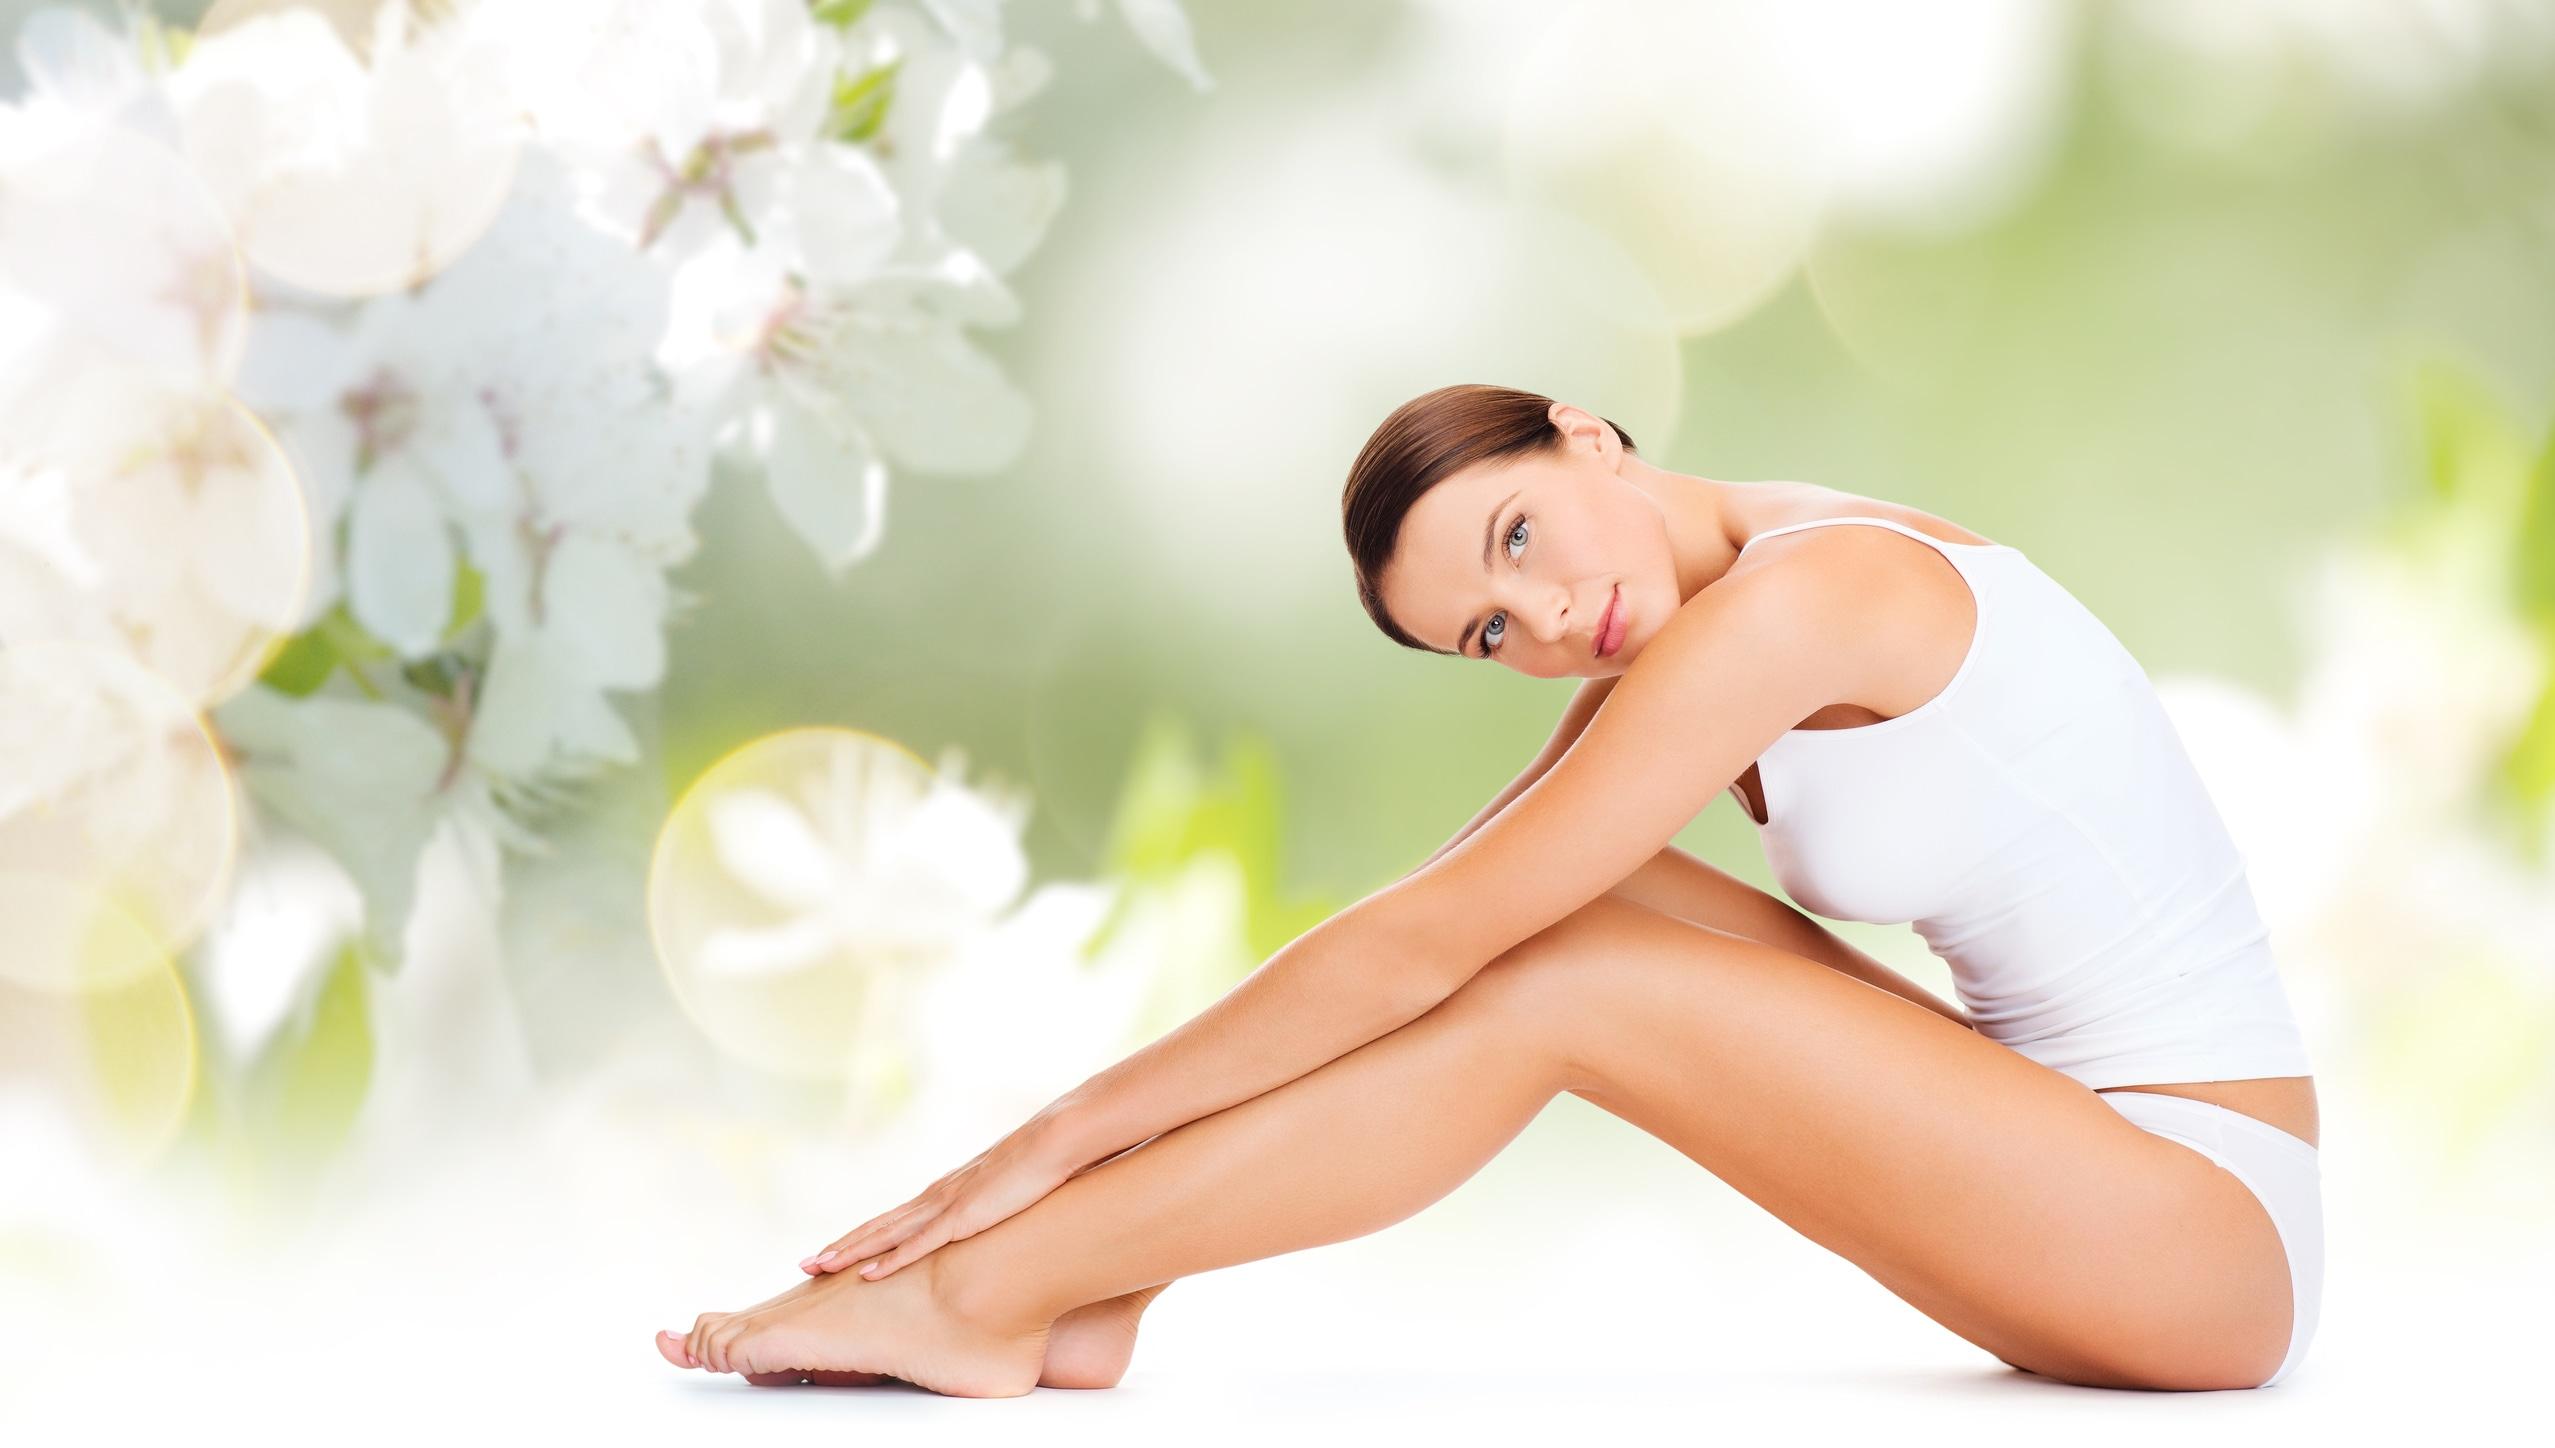 ¿Qué puede alterar la flora vaginal? CinfaSalud